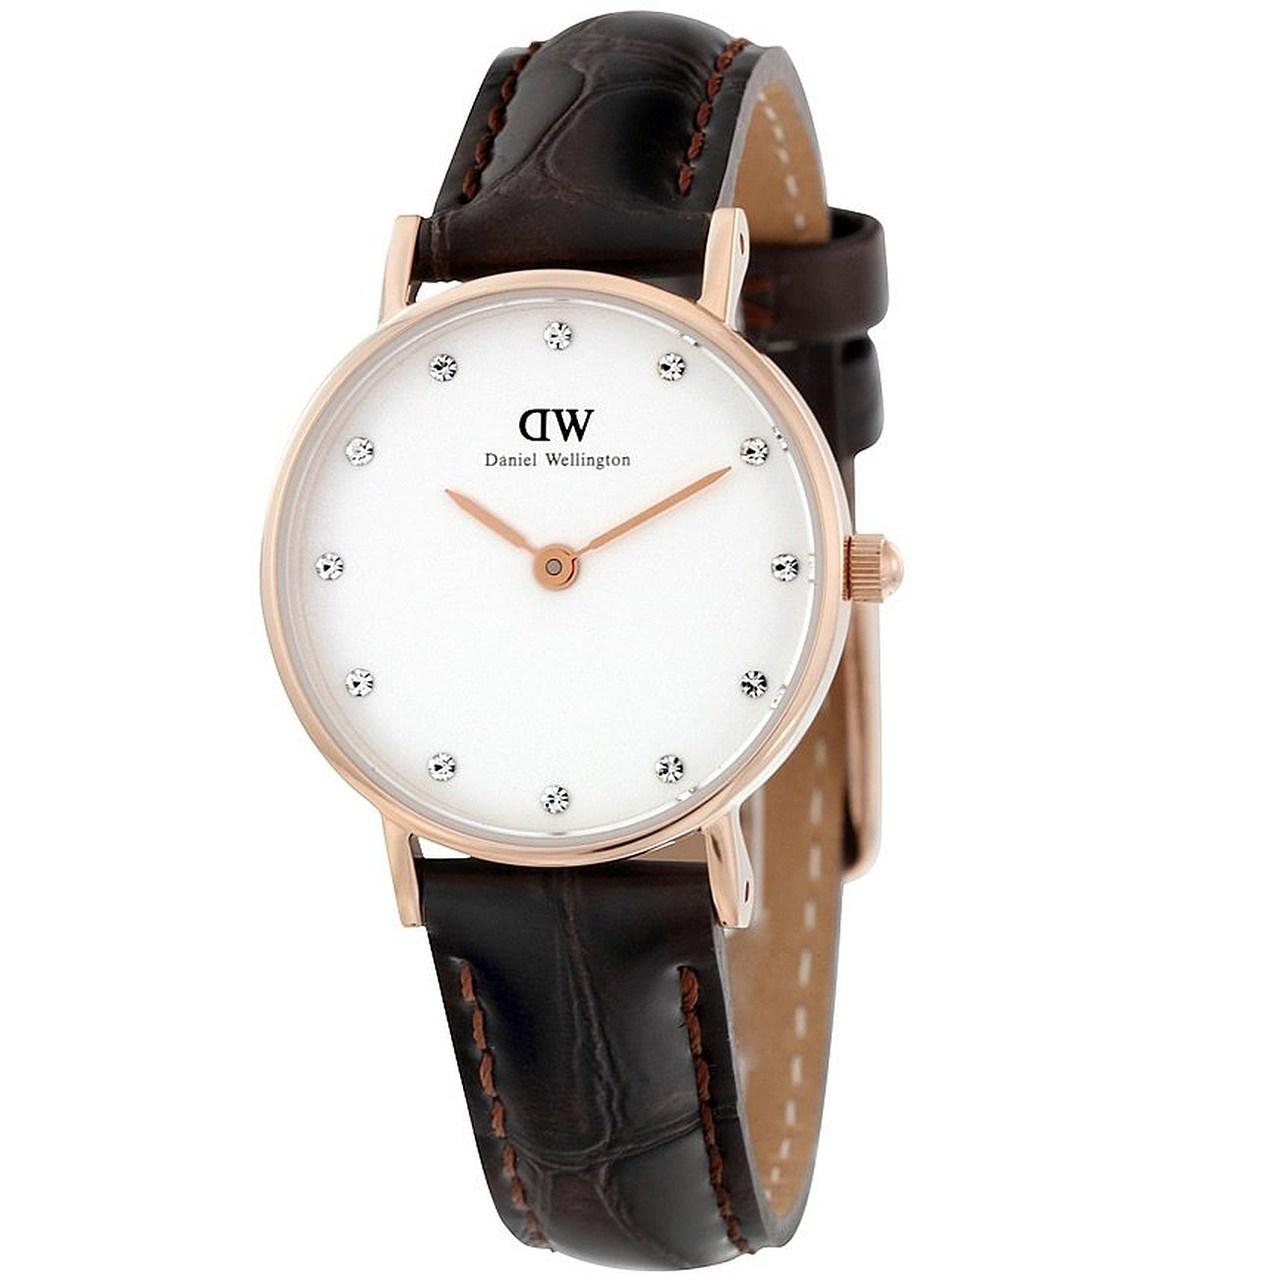 ساعت مچی عقربه ای زنانه دنیل ولینگتون مدل DW00100061